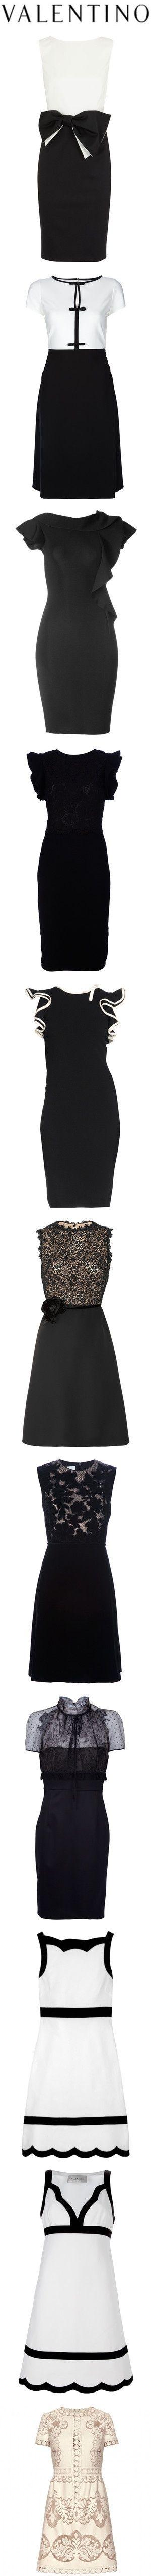 Чудесные и элегантные платья от Valentino